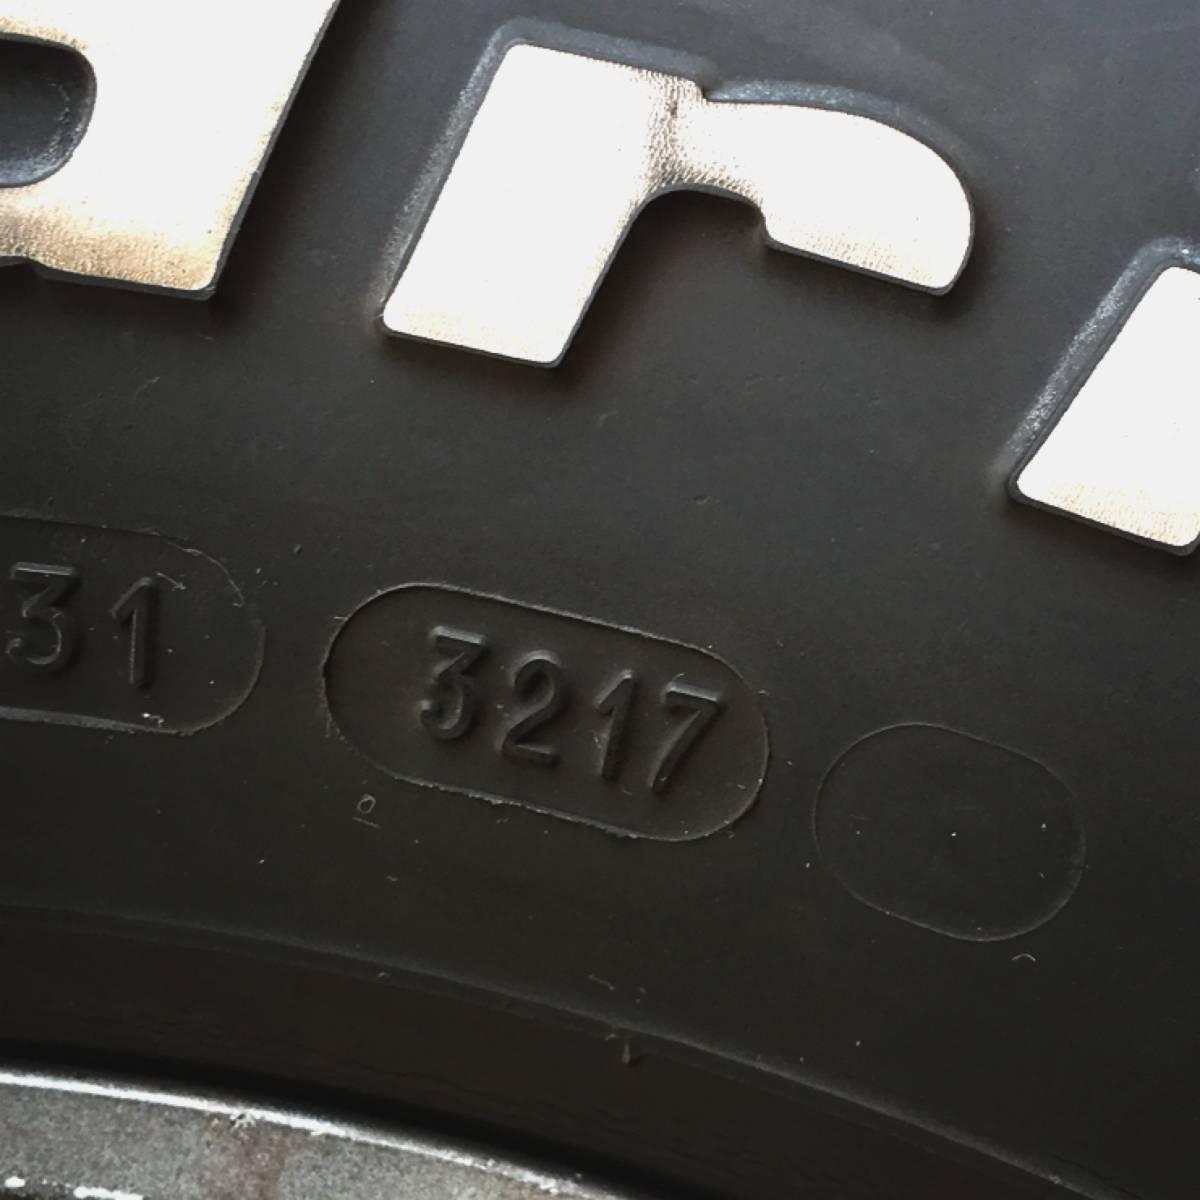 再販 ランクル70 76 2017年 BF Goodrich バリ溝 MT 285/75R16 & JAOS VICTRON TRIBE 4本セット ナットおまけ可 夏タイヤ &ホイールセット_画像7